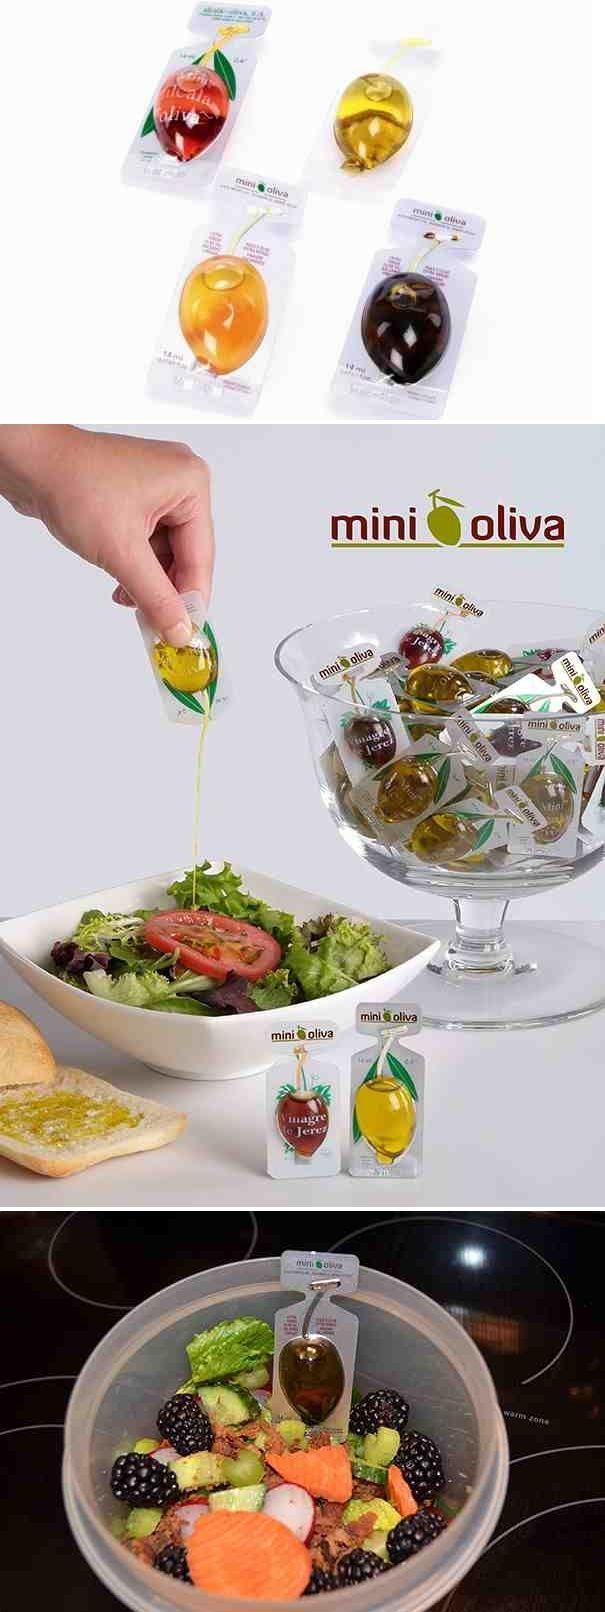 Mini Oliva Package Design